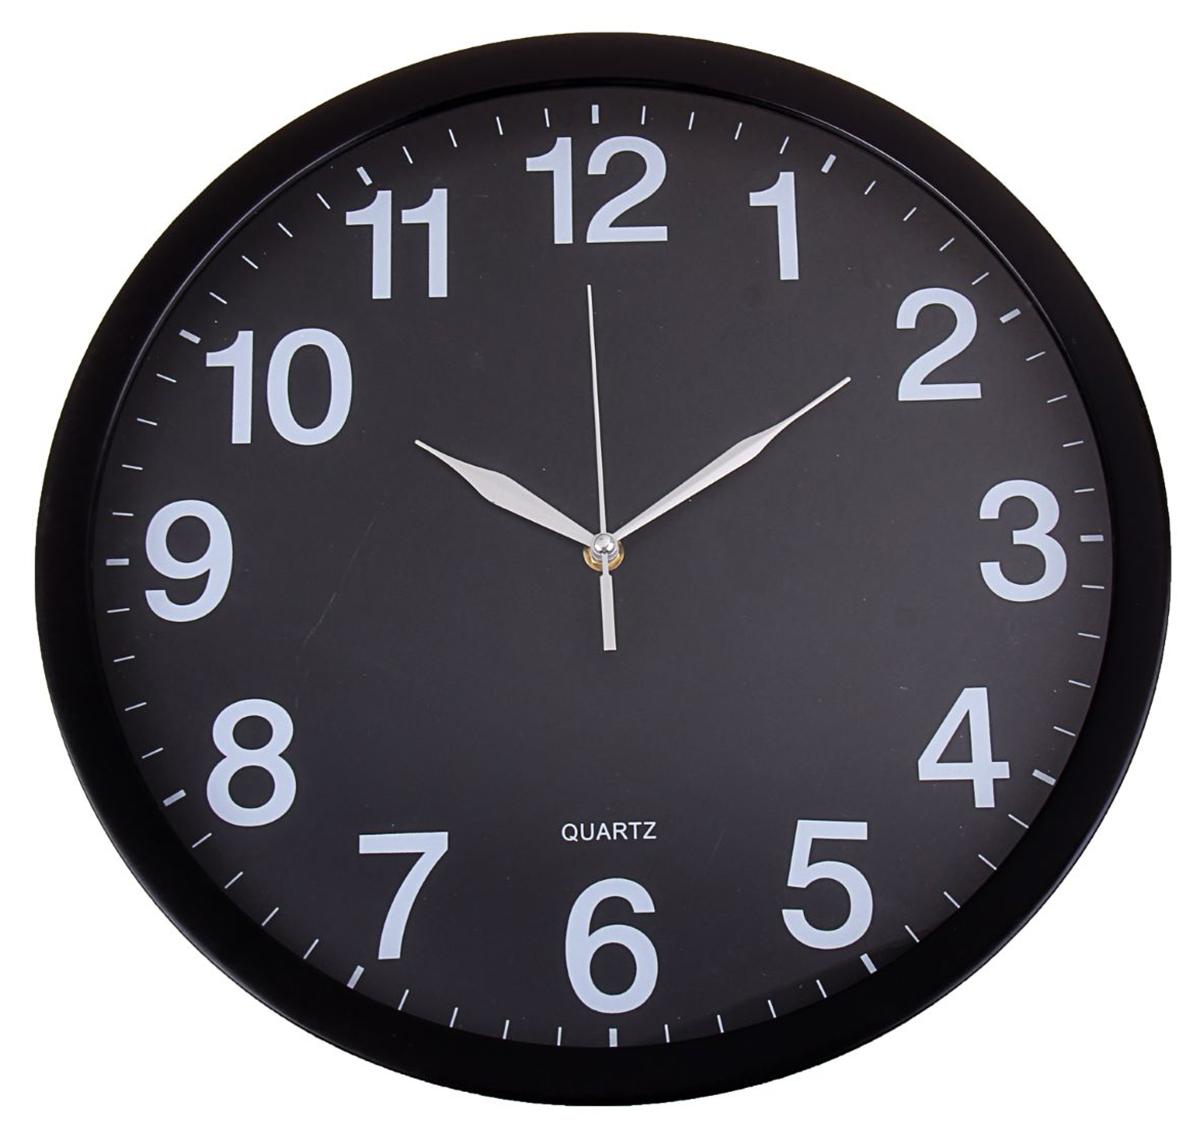 Часы настенные, цвет: черный, диаметр 40 см1144458Каждому хозяину периодически приходит мысль обновить свою квартиру, сделать ремонт, перестановку или кардинально поменять внешний вид каждой комнаты. Часы настенные круглые Классика, d=40 см, черные, цифры белые — привлекательная деталь, которая поможет воплотить вашу интерьерную идею, создать неповторимую атмосферу в вашем доме. Окружите себя приятными мелочами, пусть они радуют глаз и дарят гармонию.Часы настенные круг, рама черная тонкая, циферблат черный d=40см 1144458